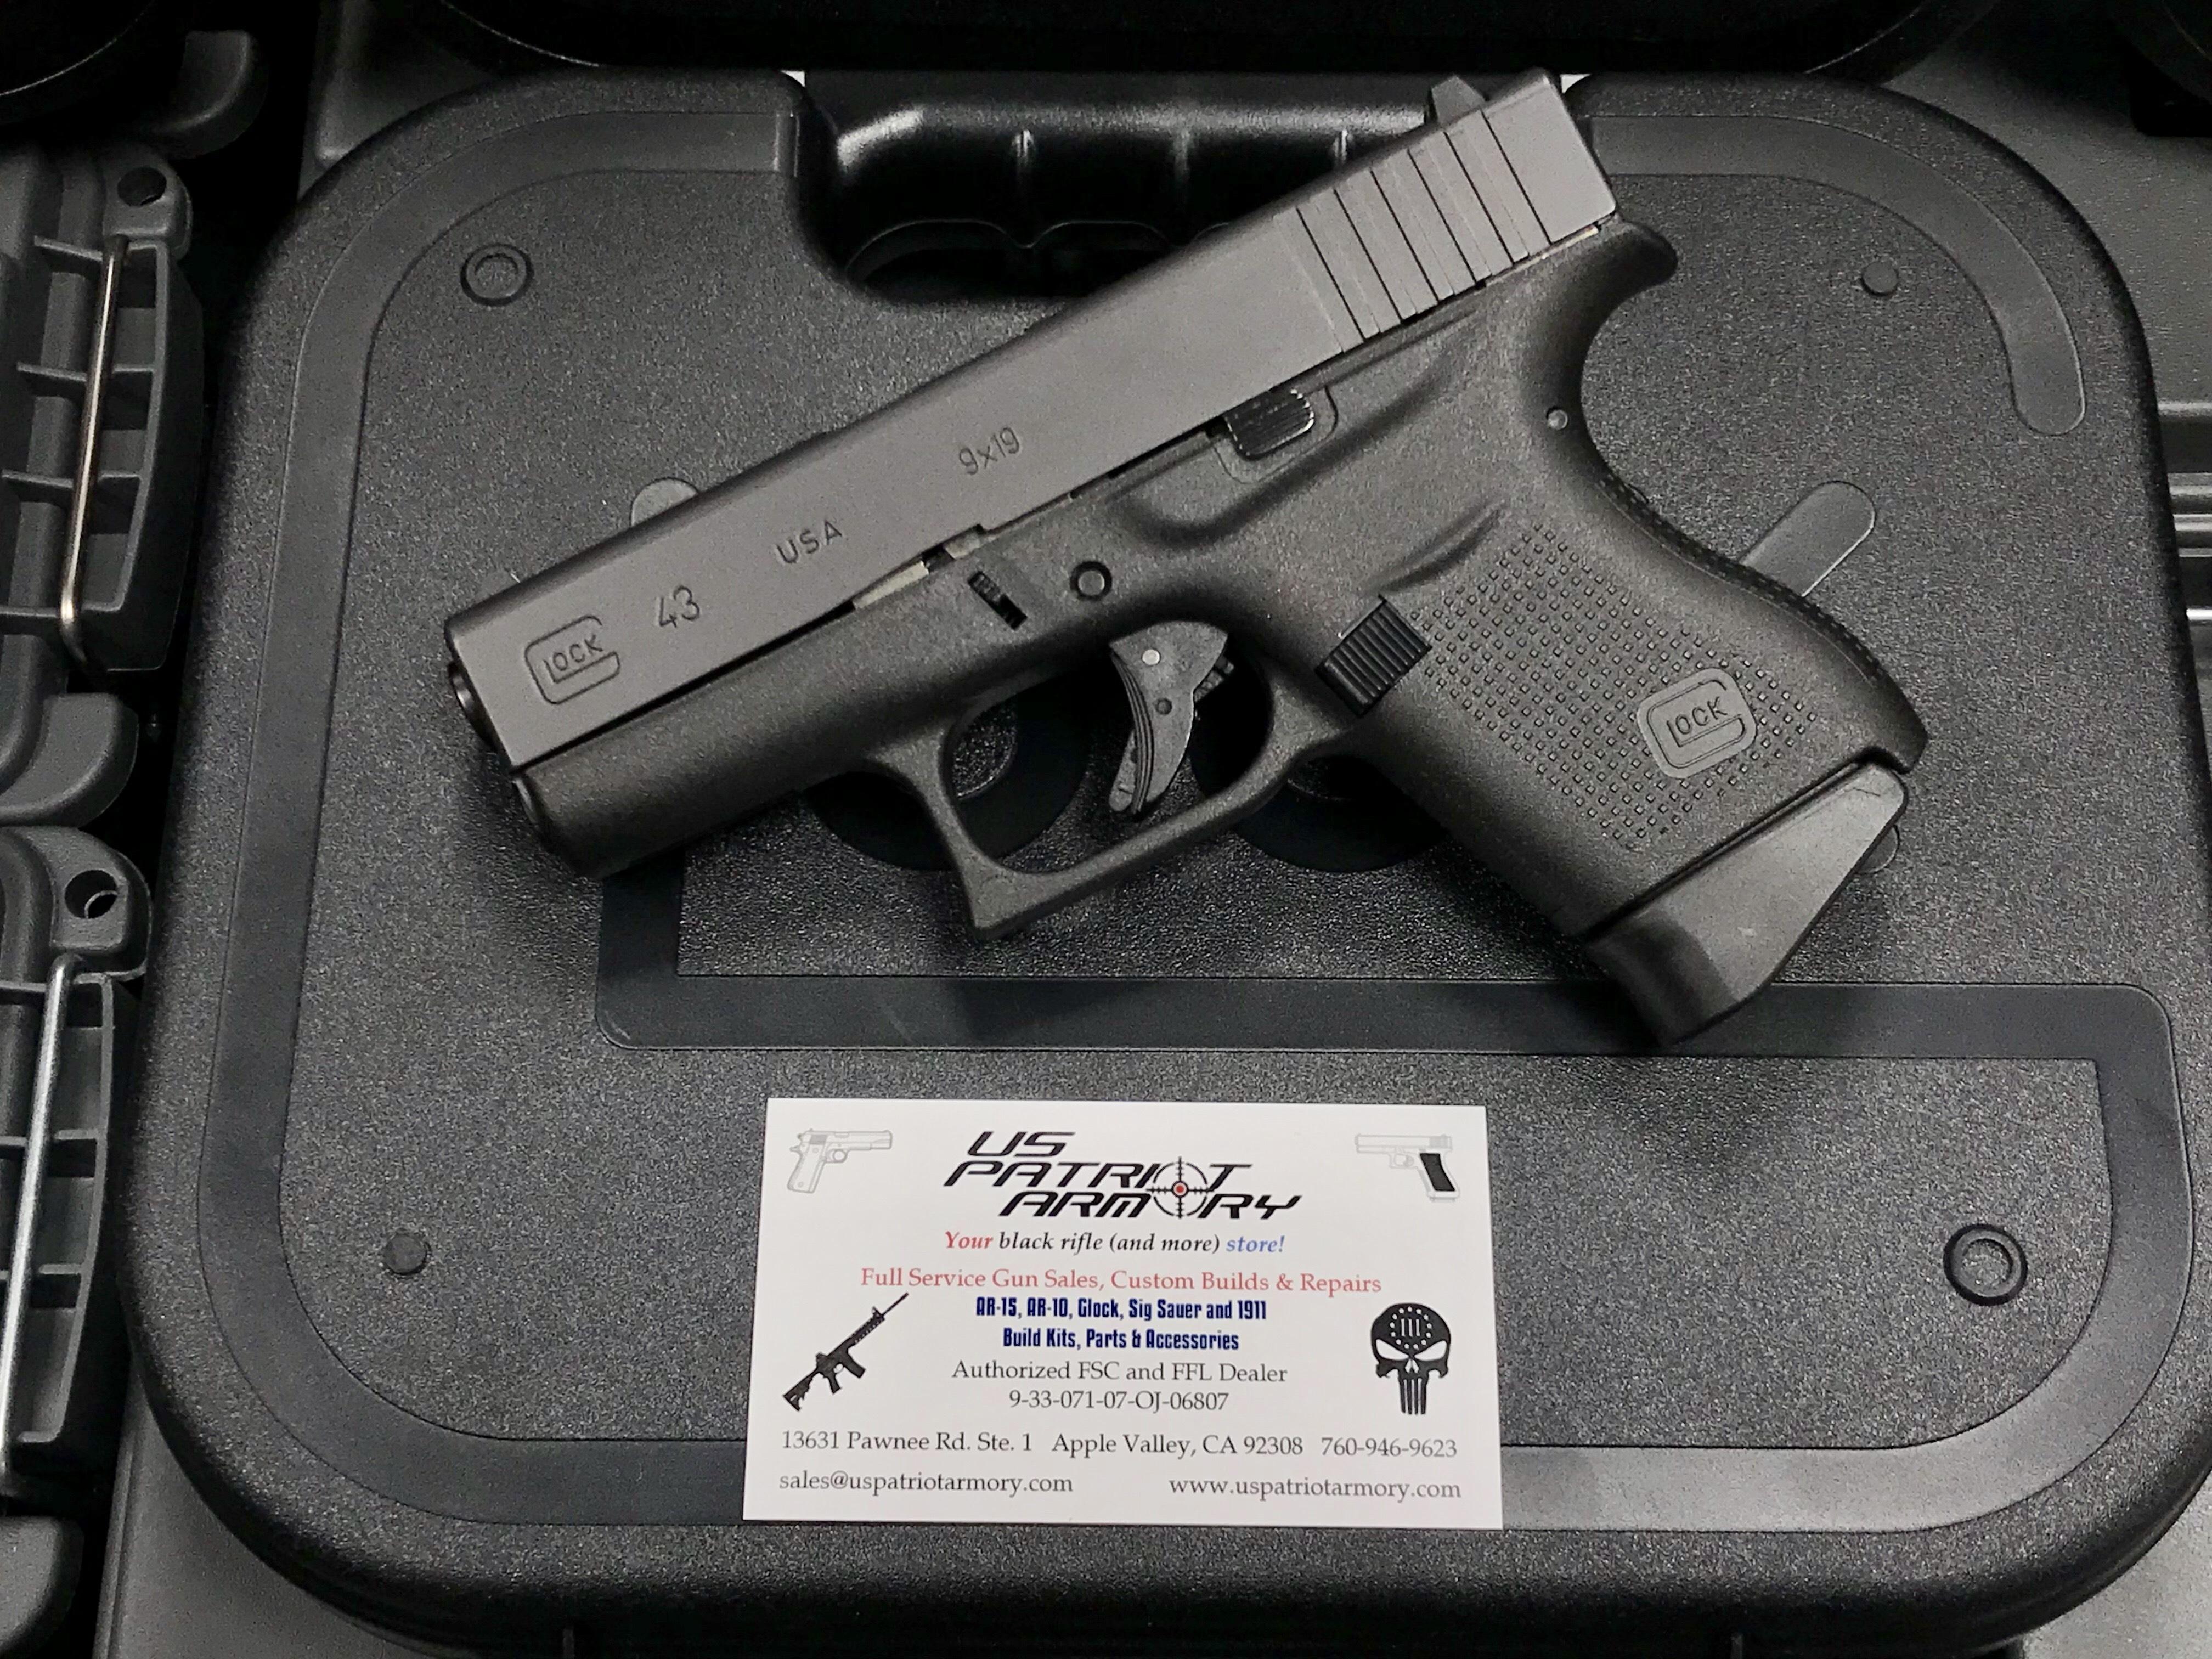 SS80 Glock 43 Build Kit - $535 99